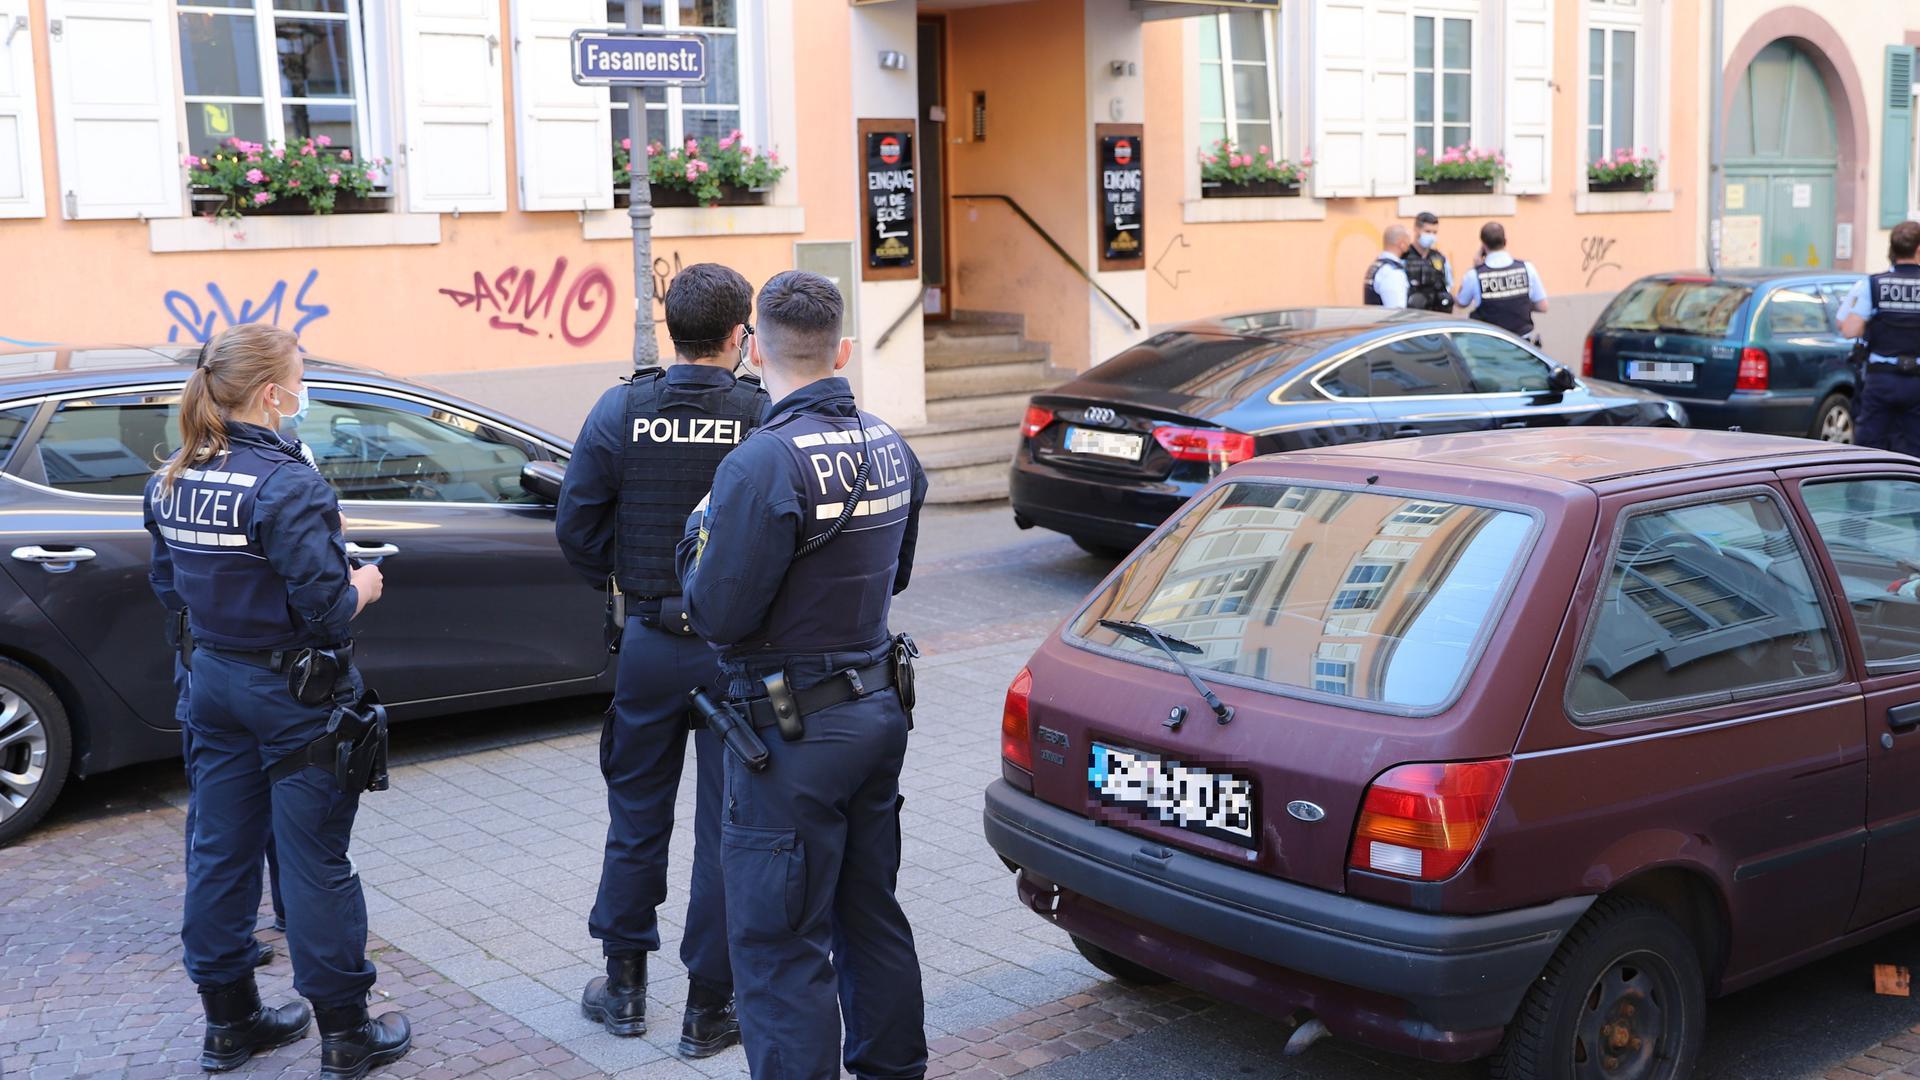 Mehrere Polizisten stehen bei einem Einsatz in der Karlsruher Fasanenstraße in der Nähe des Oxford Pub.